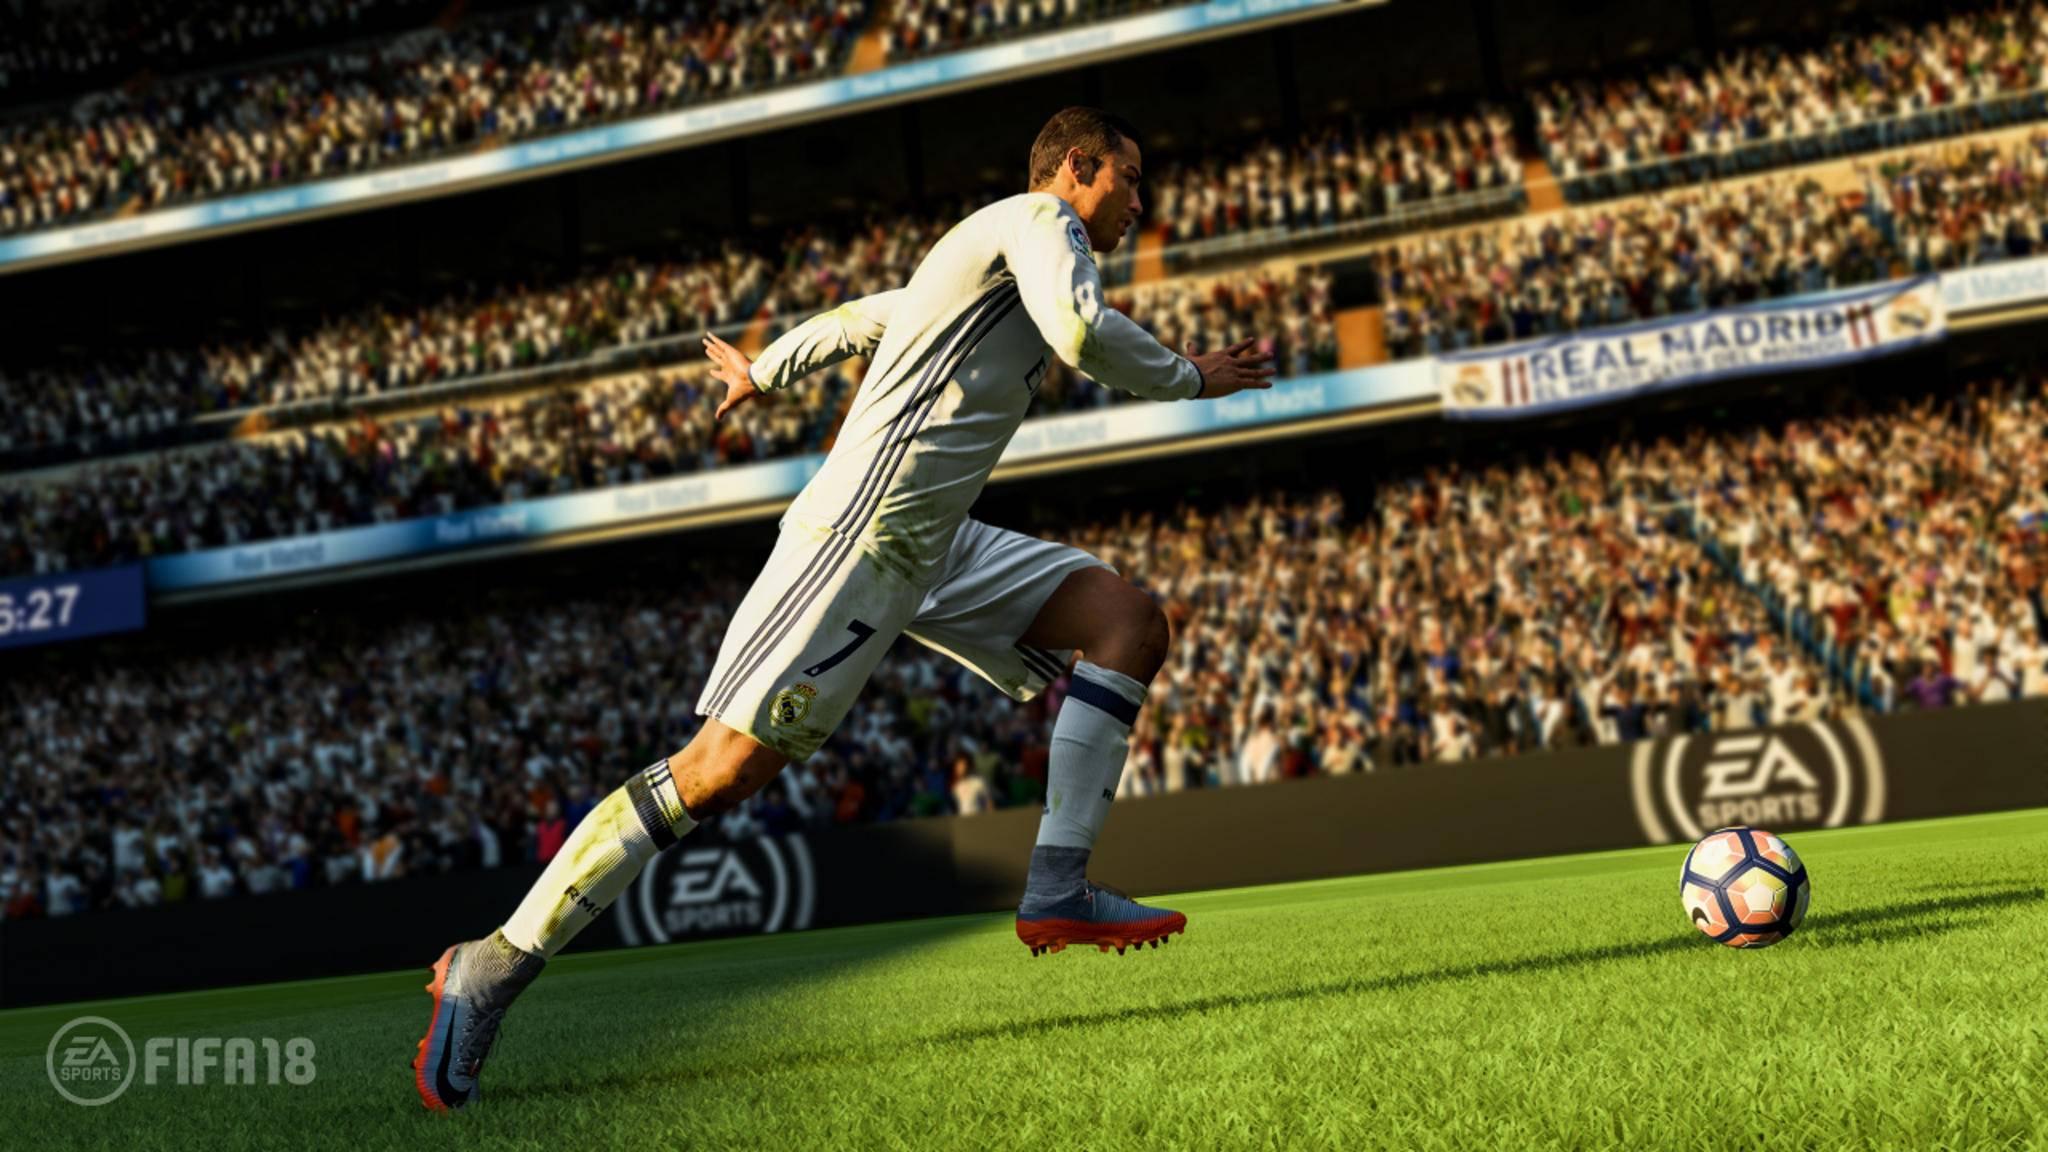 """Cristiano Ronaldo ist Cover-Star von """"FIFA 18""""."""